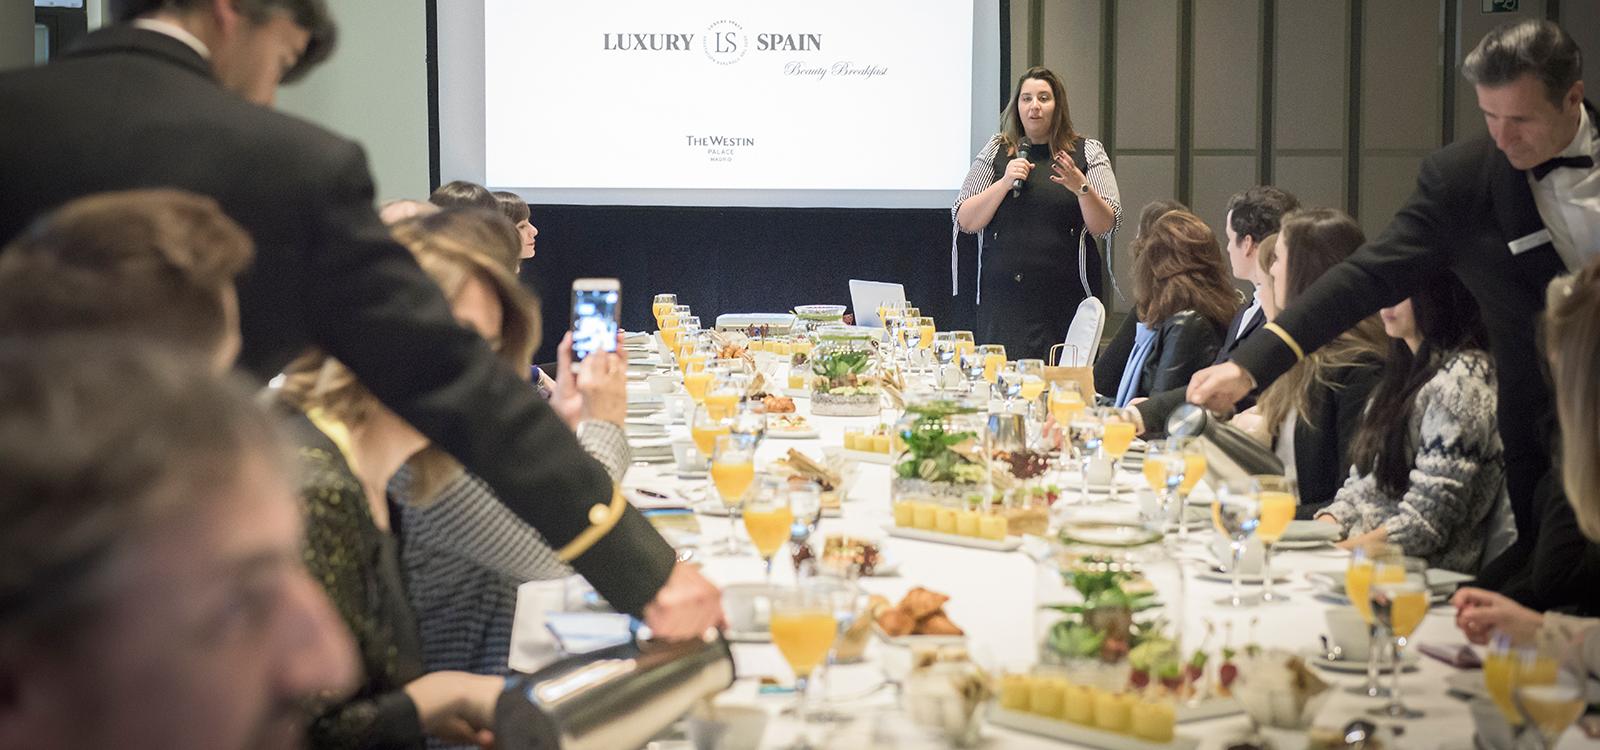 """La Asociación Española del Lujo presenta las novedades para 2018 y cifras del sector bajo el Sello de Calidad """"Luxury Spain Beauty"""